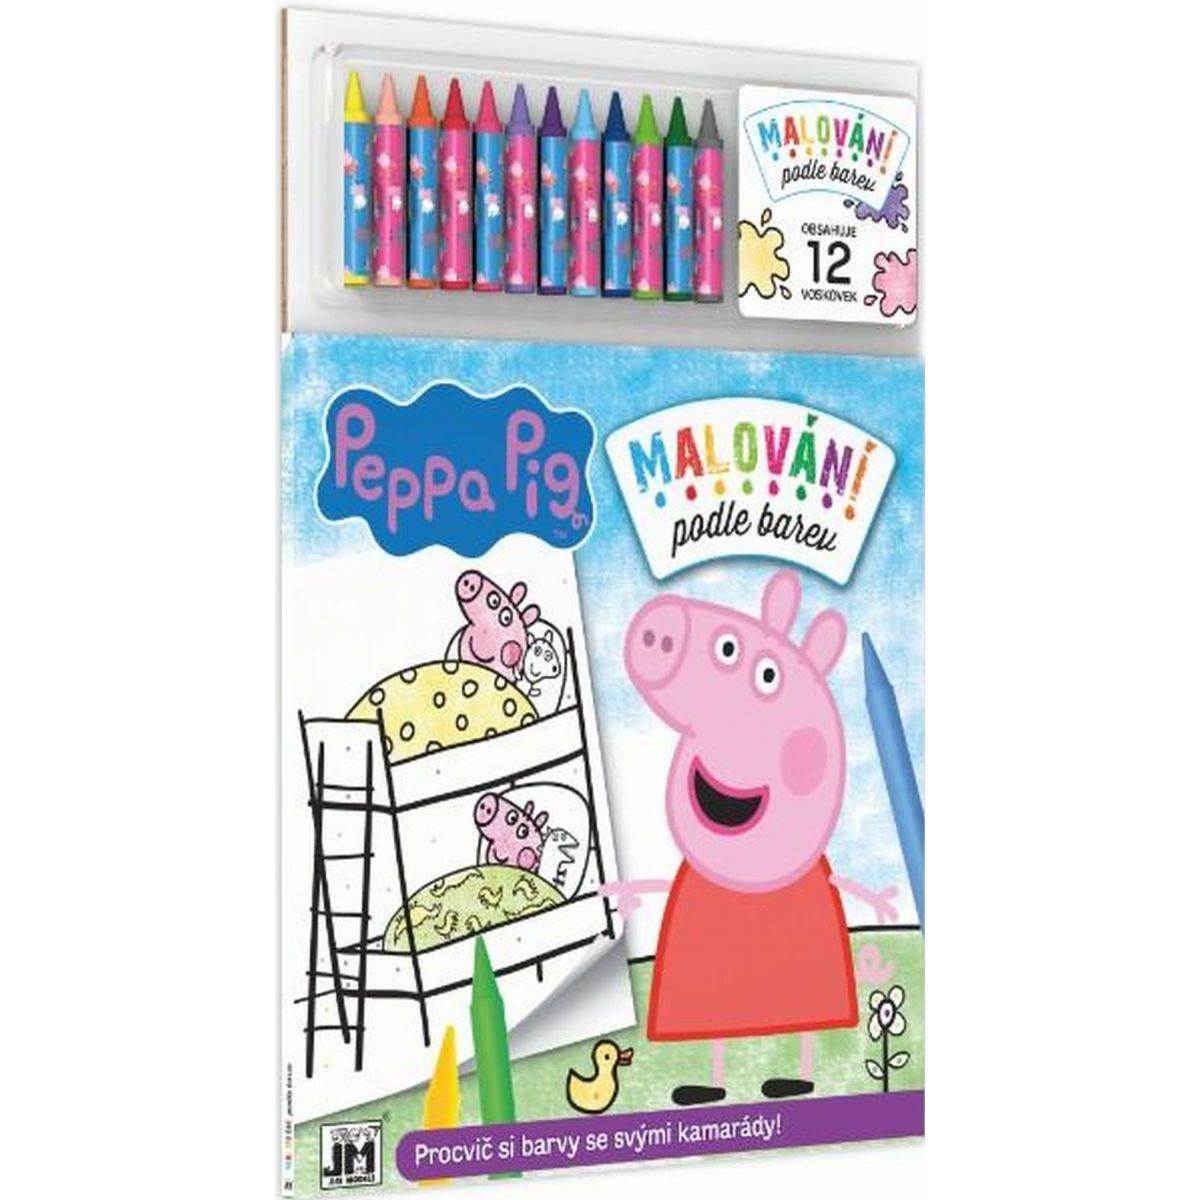 Peppa Pig Malování podle barev Prasátko Peppa